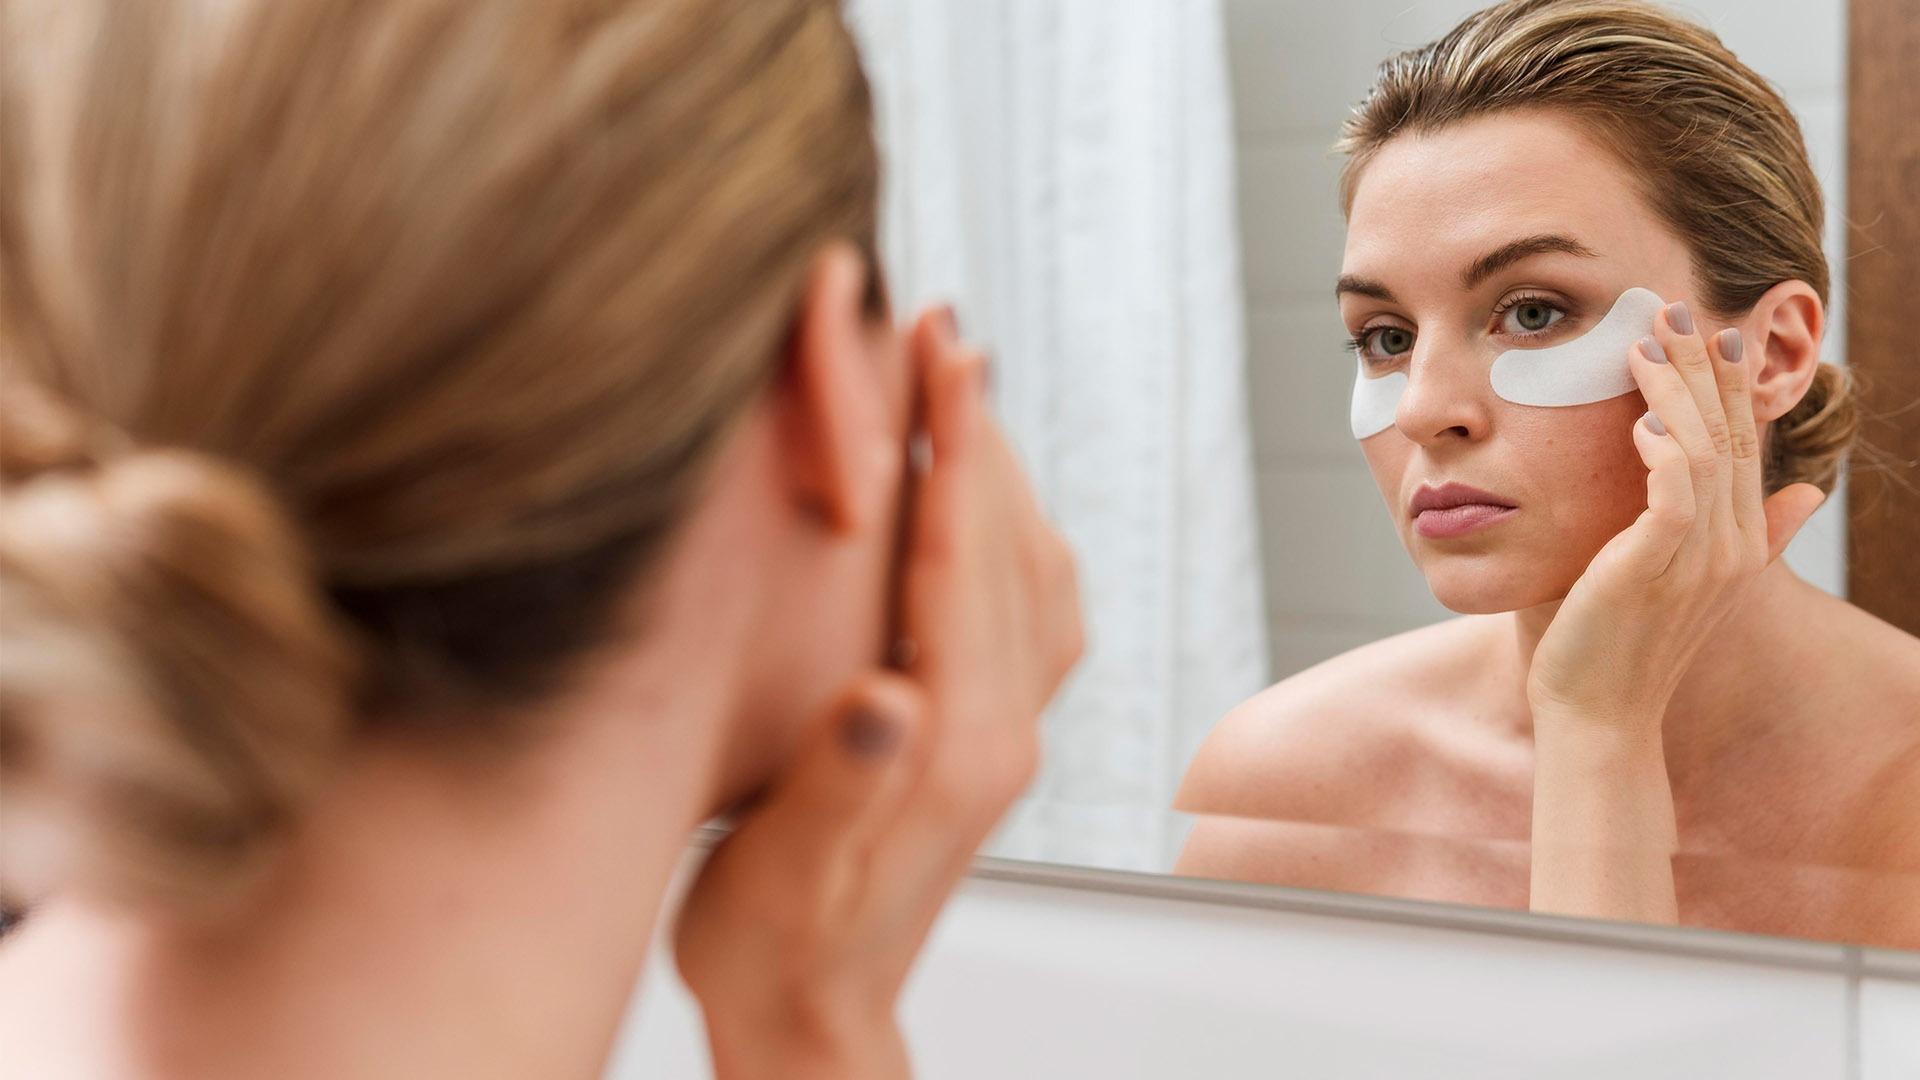 mulher se olhando no espelho com adesivos para olheiras